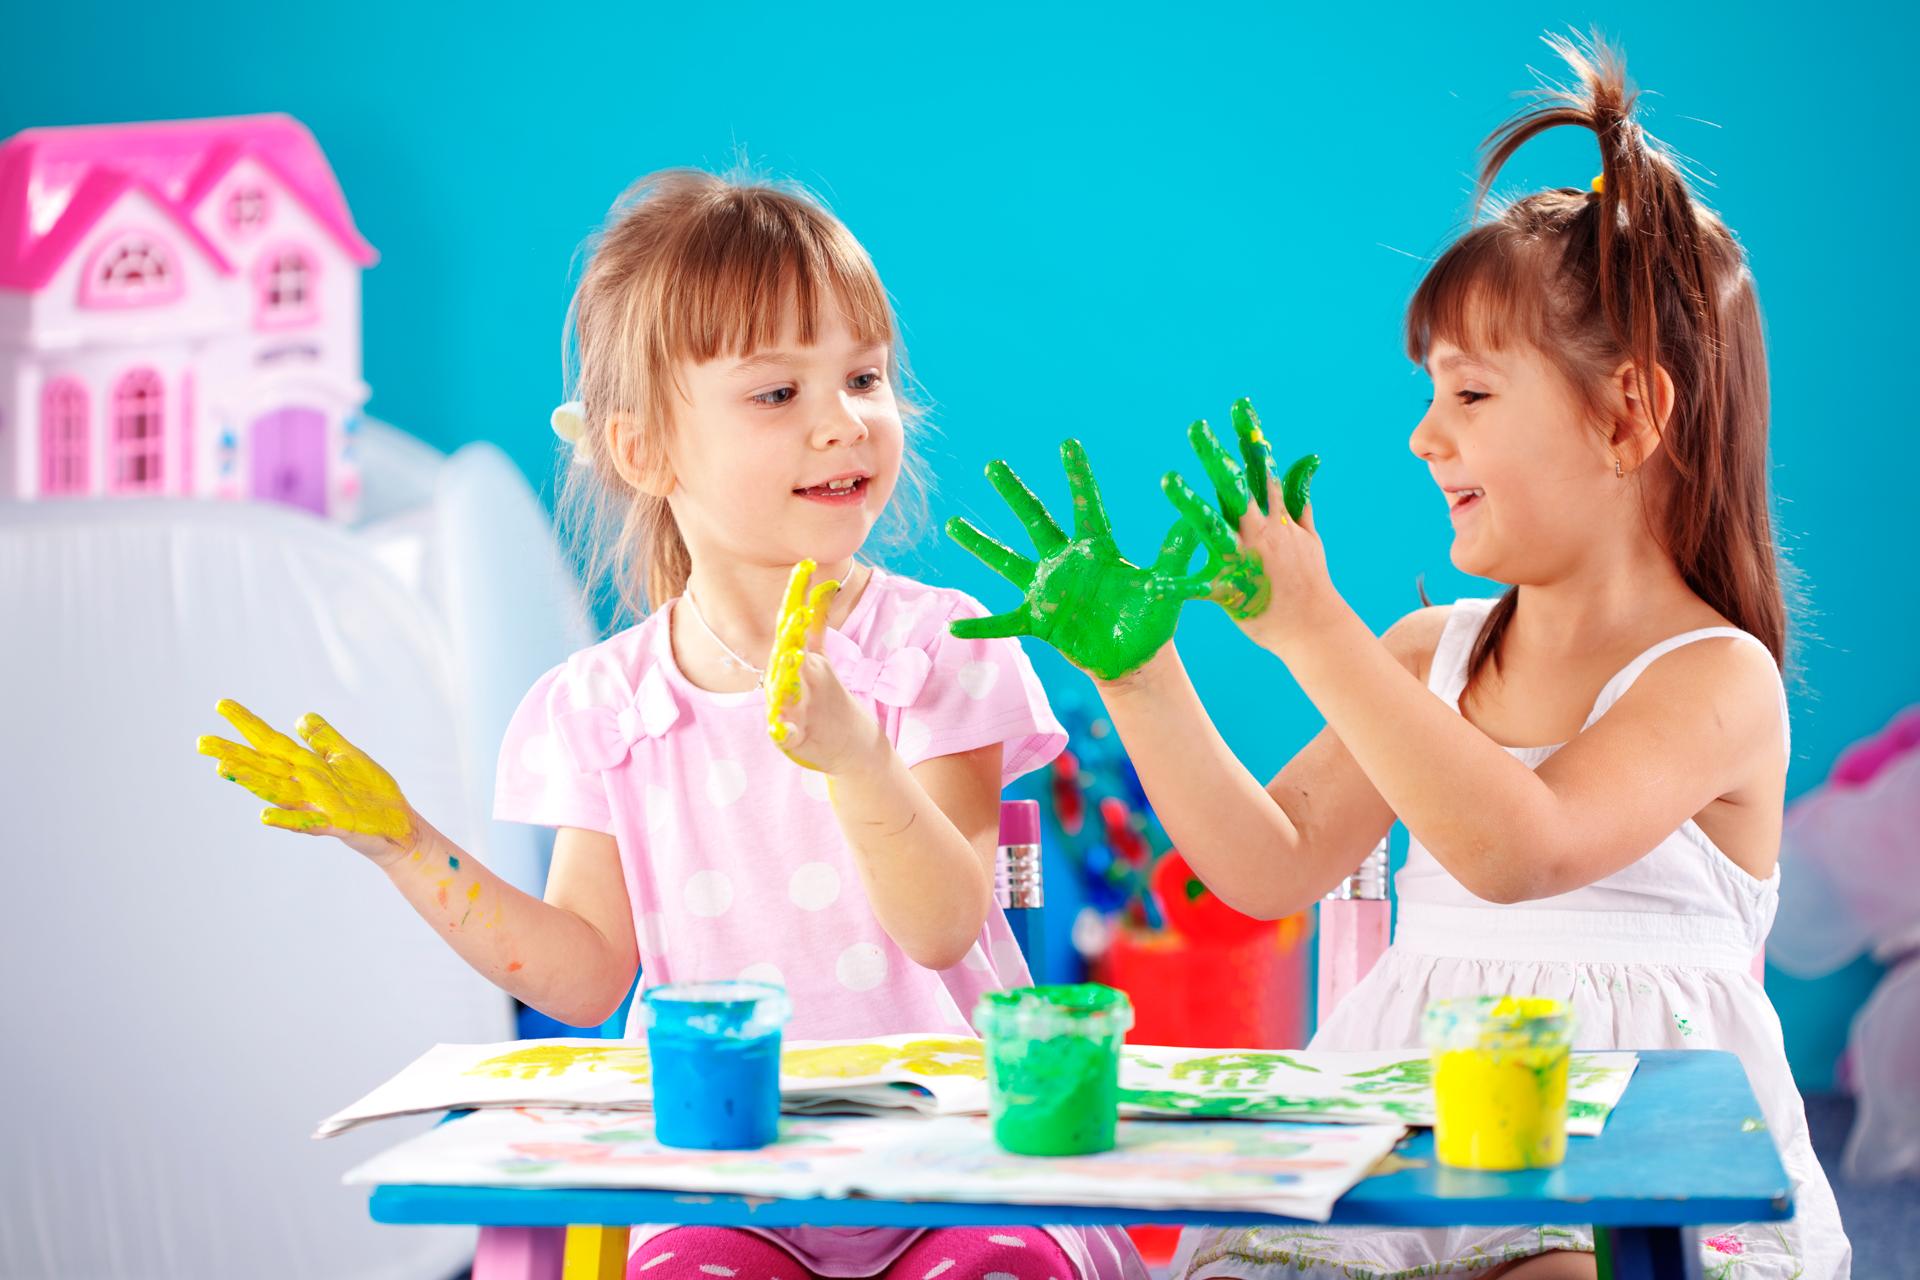 E' evidente che ciò che accomuna i bambini, ovunque essi siano, è la voglia di creare.